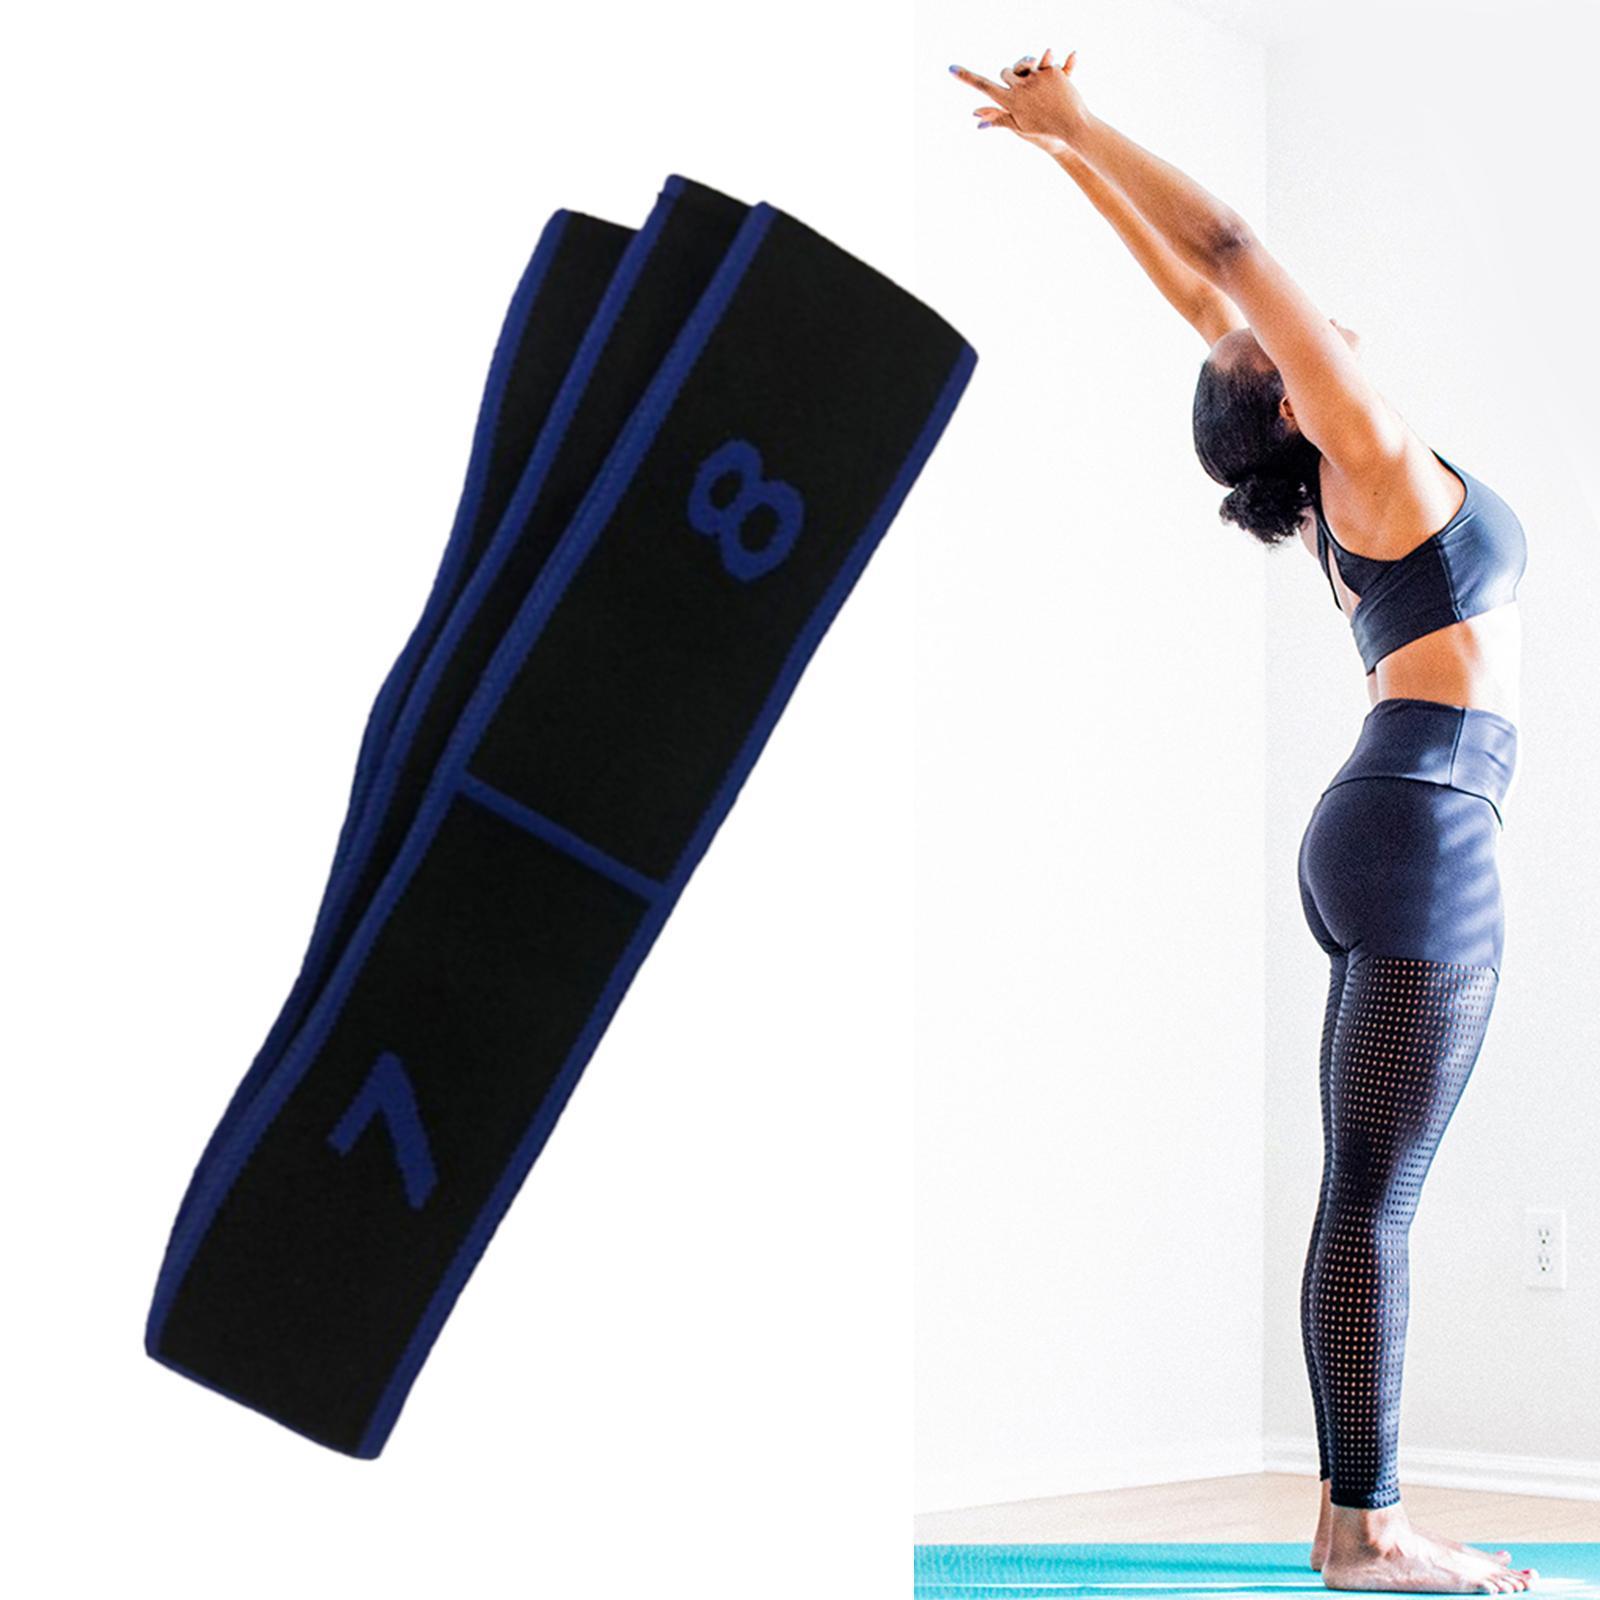 miniatura 2 - Premium yoga Strap 90cm elástico stretchband Dance prorrogado